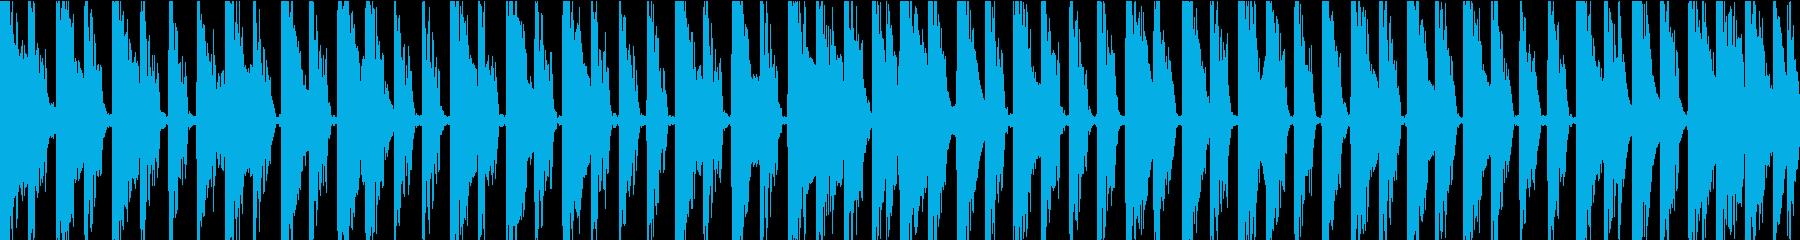 爽快感のあるポジティブロックの再生済みの波形